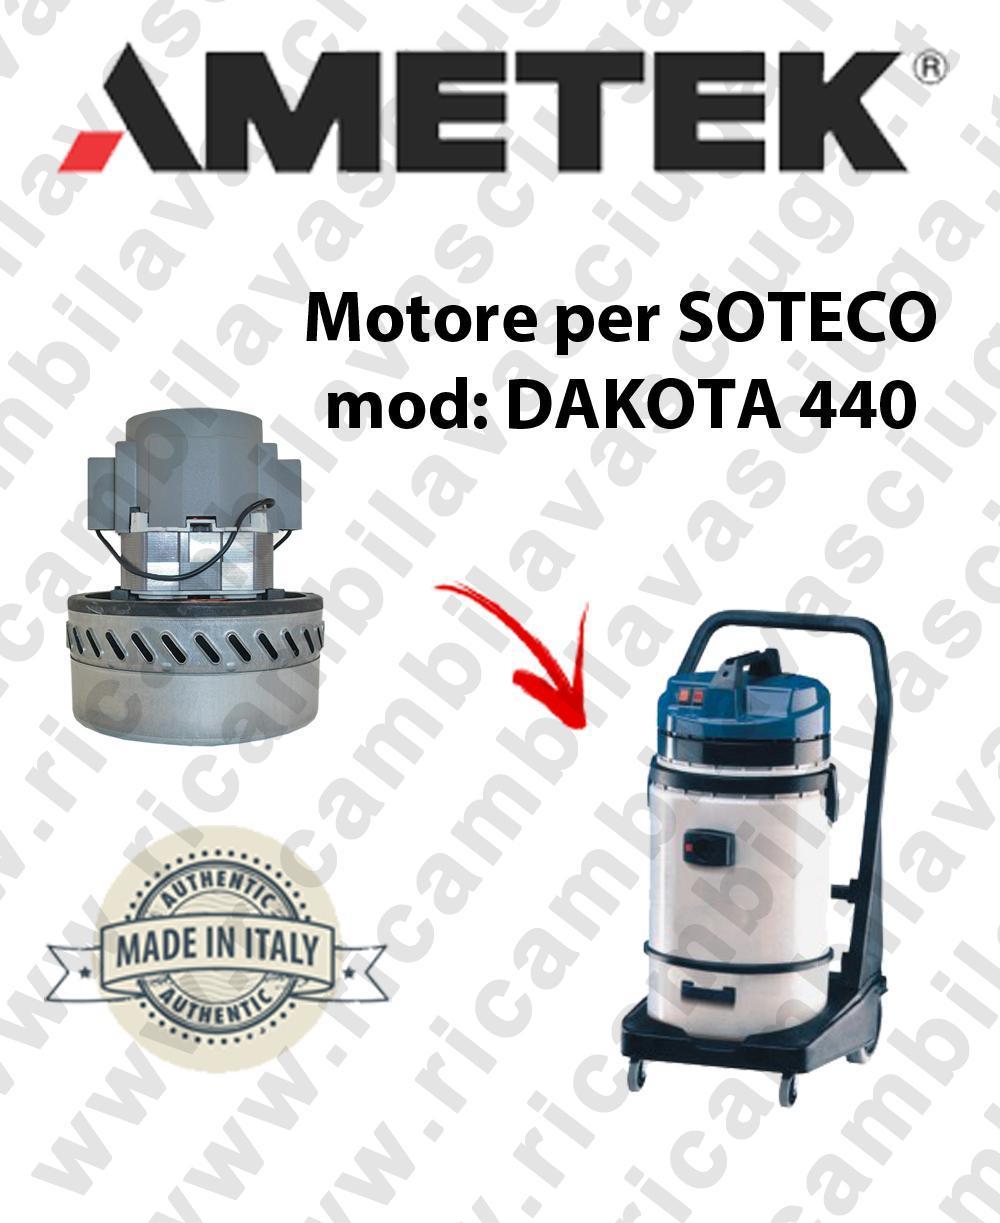 DAKOTA 440 Ametek Vacuum Motor for vacuum cleaner SOTECO